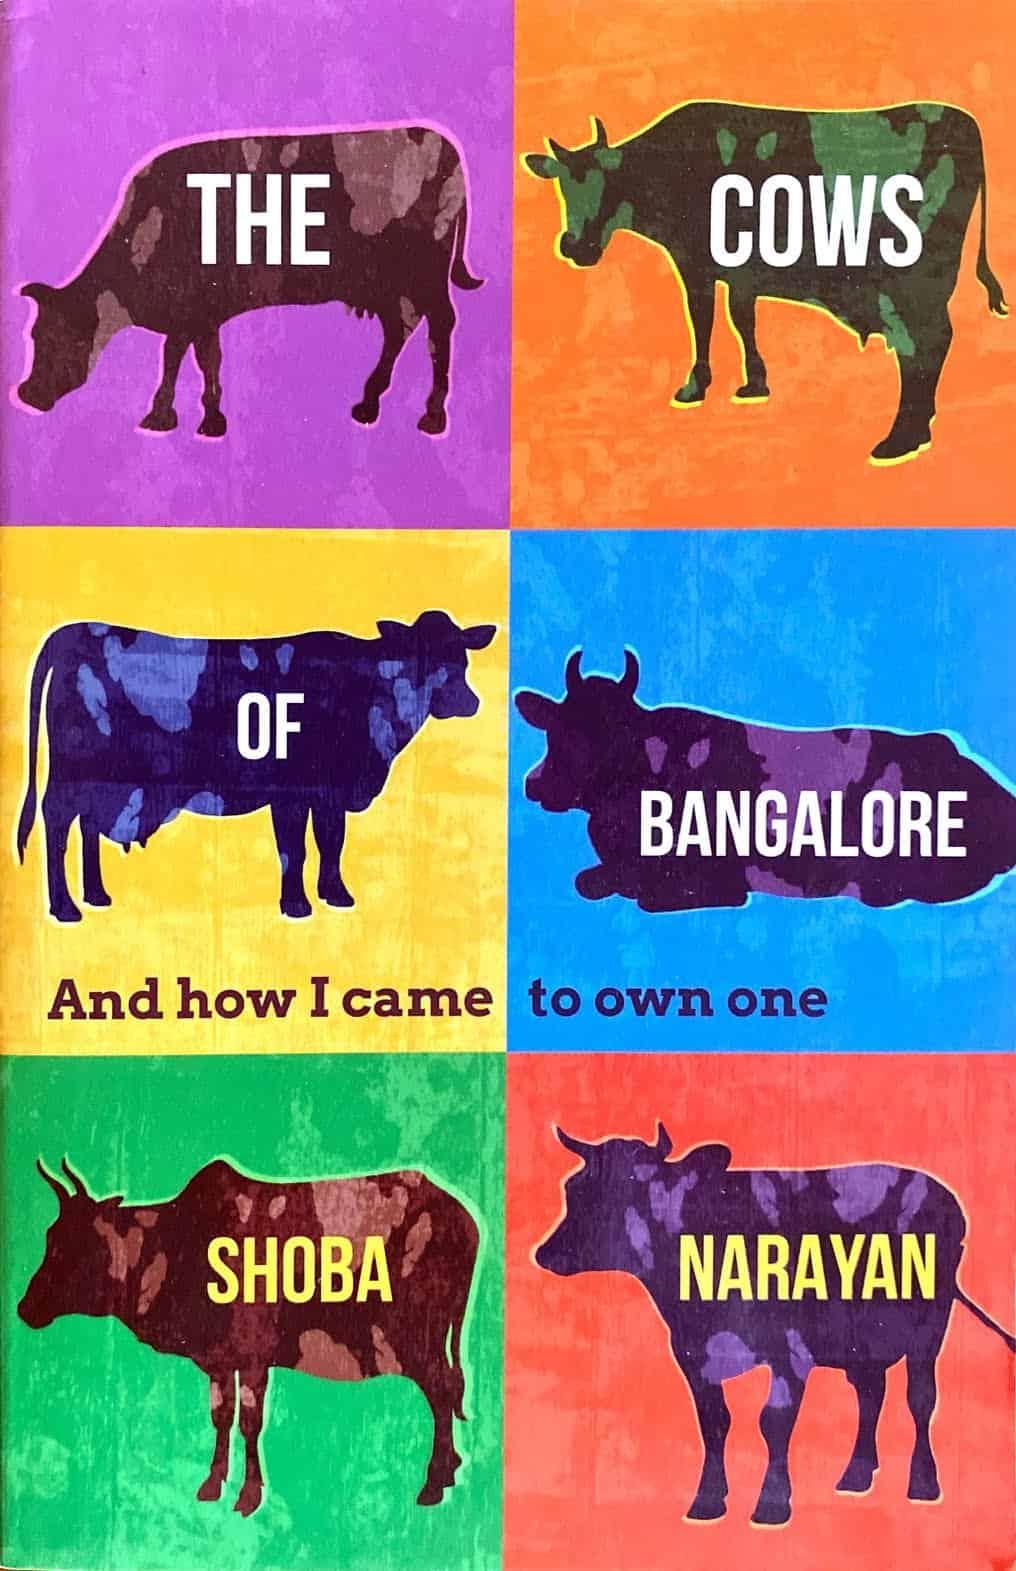 India edition, Cows of Bangalore, by Shoba Narayan